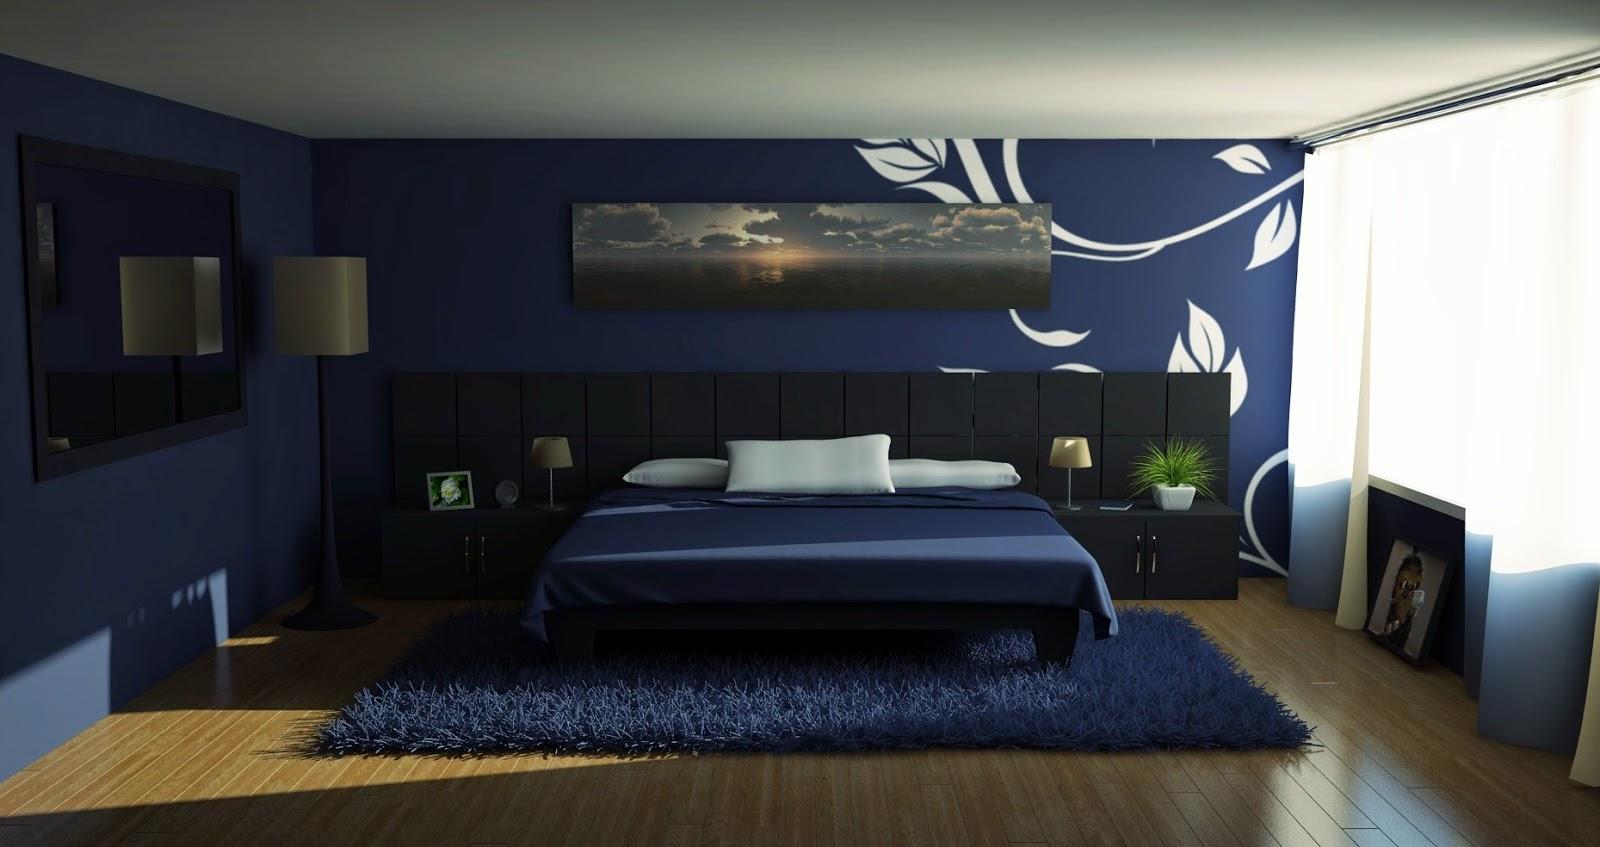 Modern Bedroom Interior Design Ideas #10